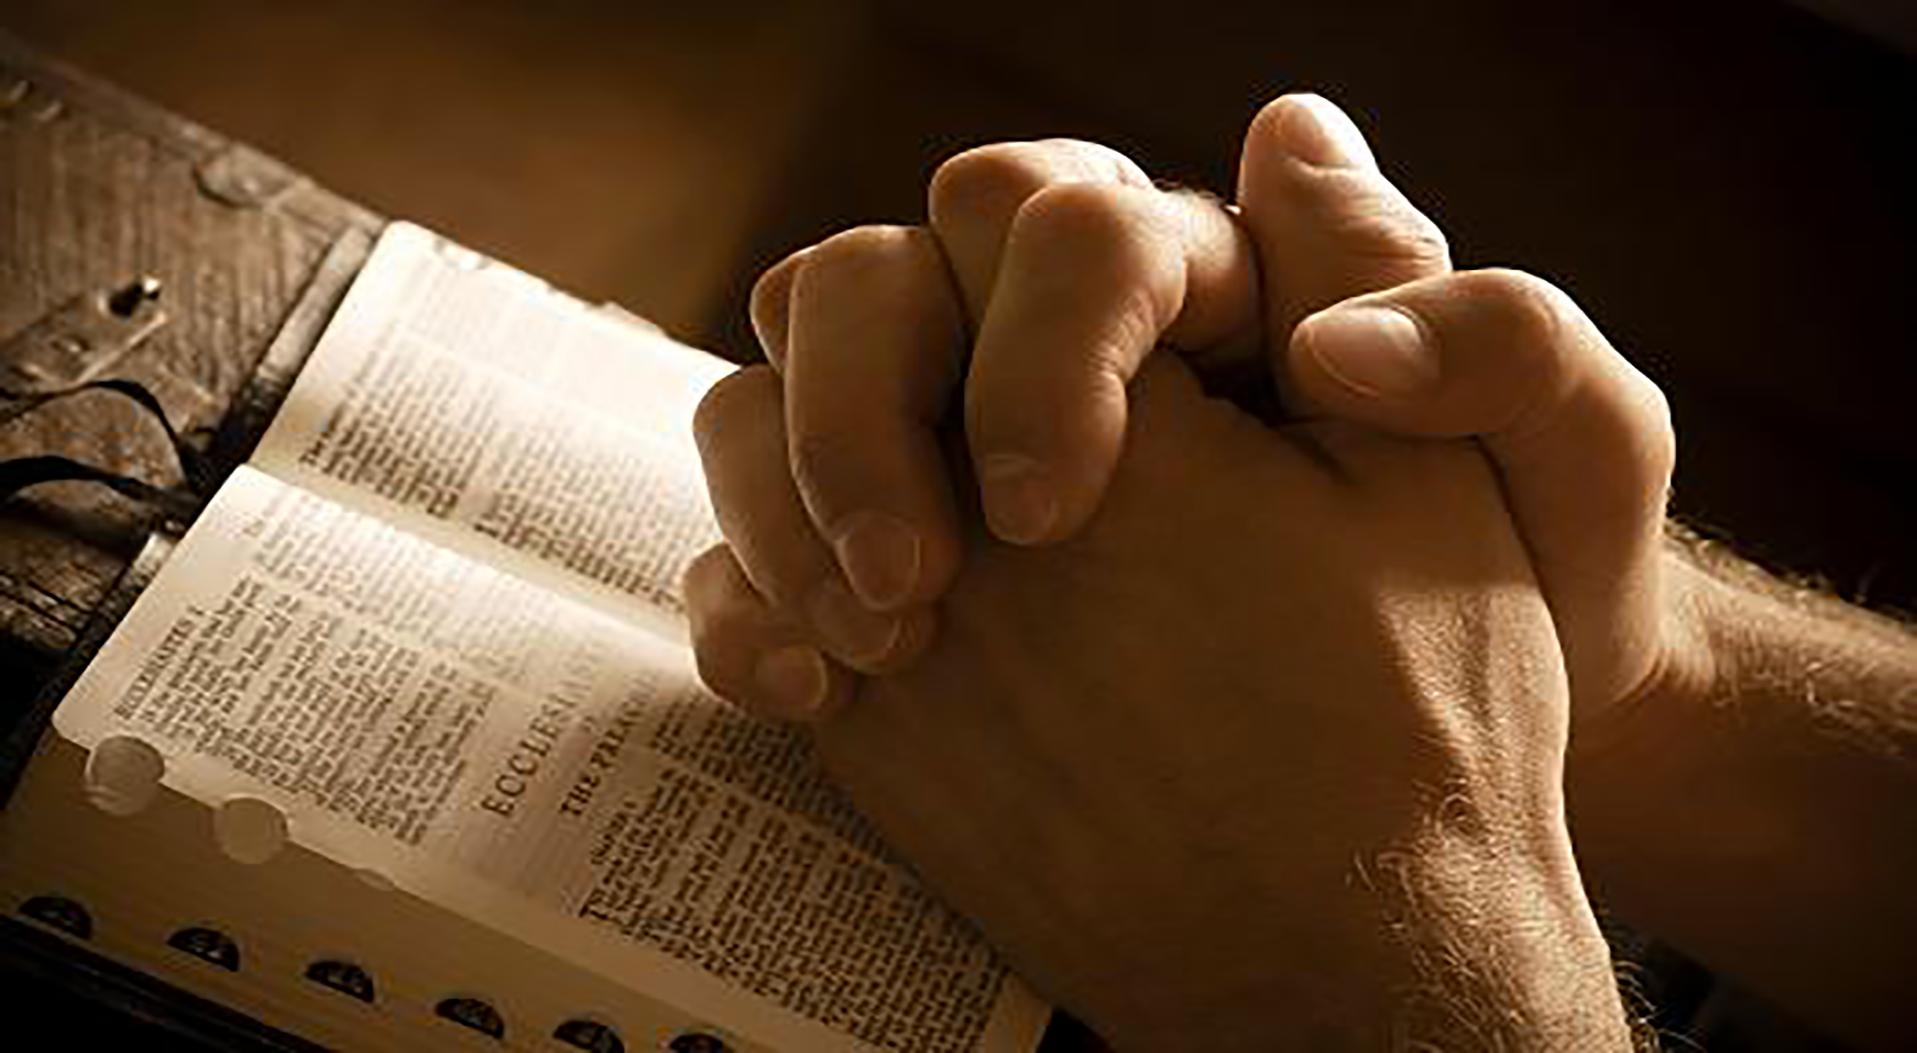 Preghiera e silenzio per mettere ordine nella vita e fare scelte  autentiche. La proposta degli esercizi - Santalessandro